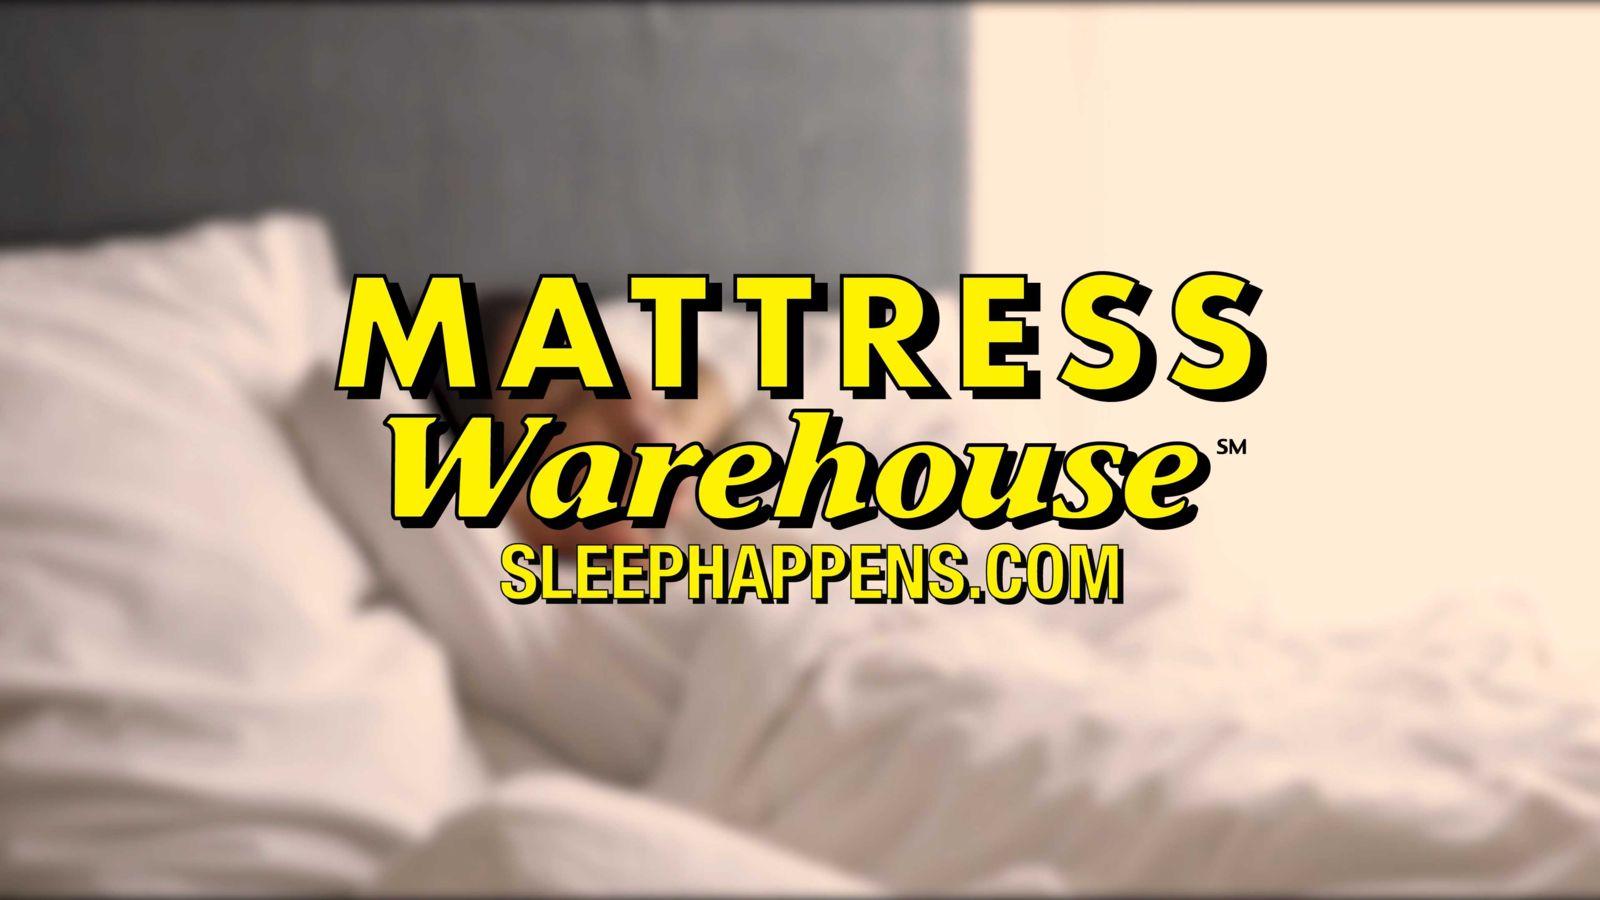 mattress warehouse website